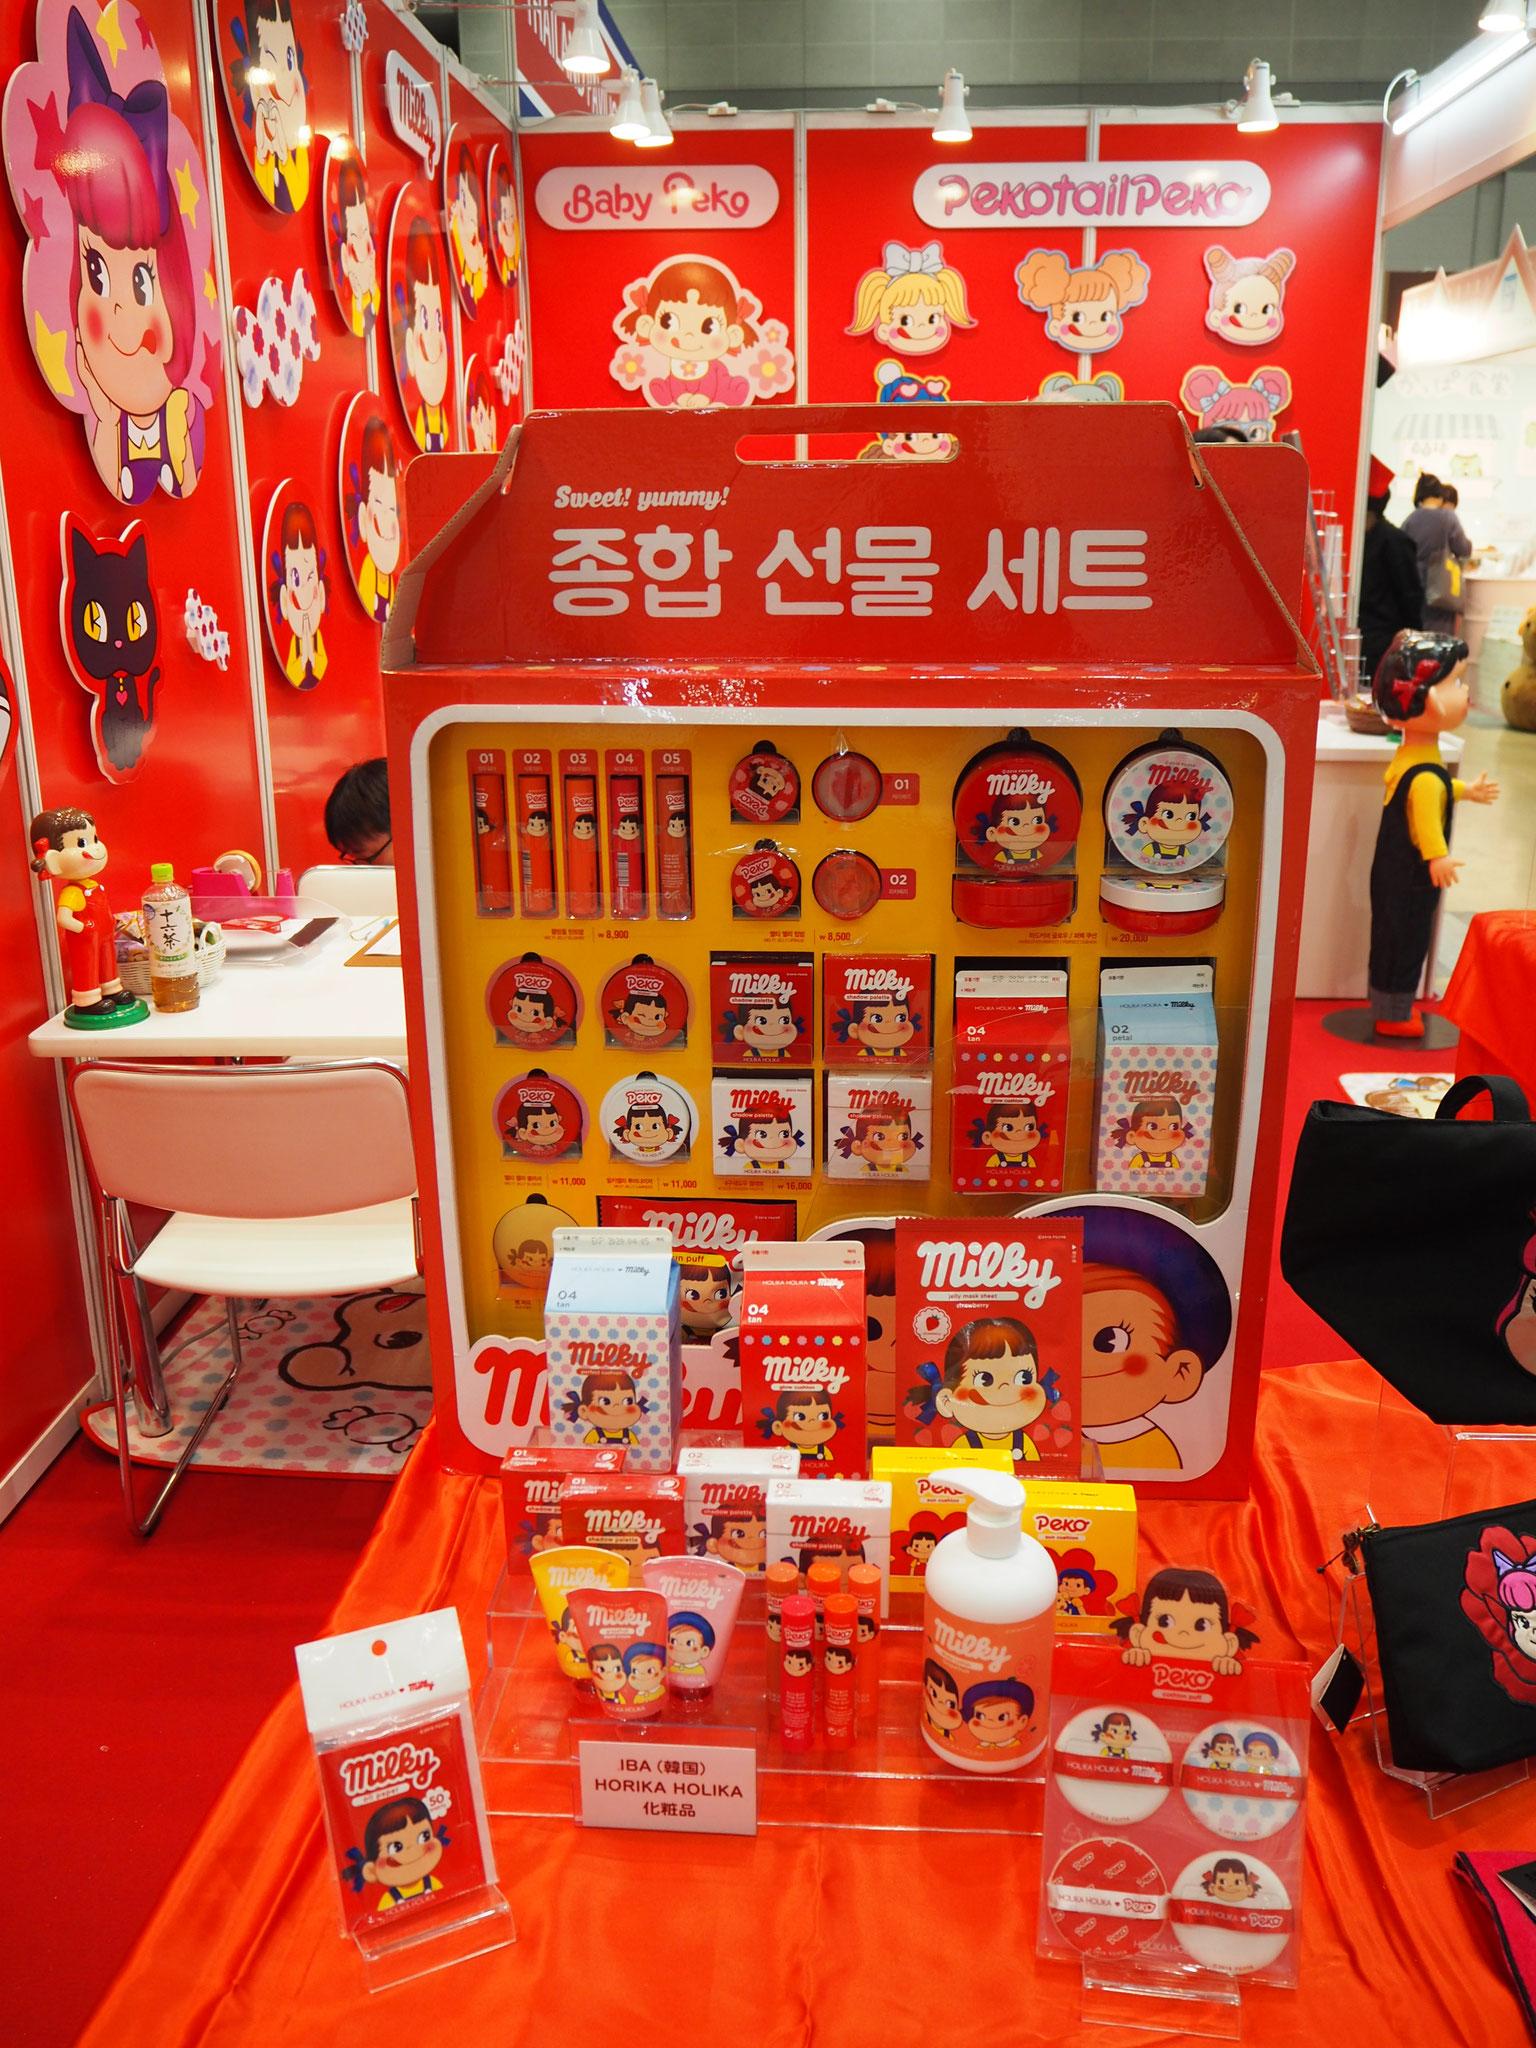 韓国で人気のペコちゃんの化粧品